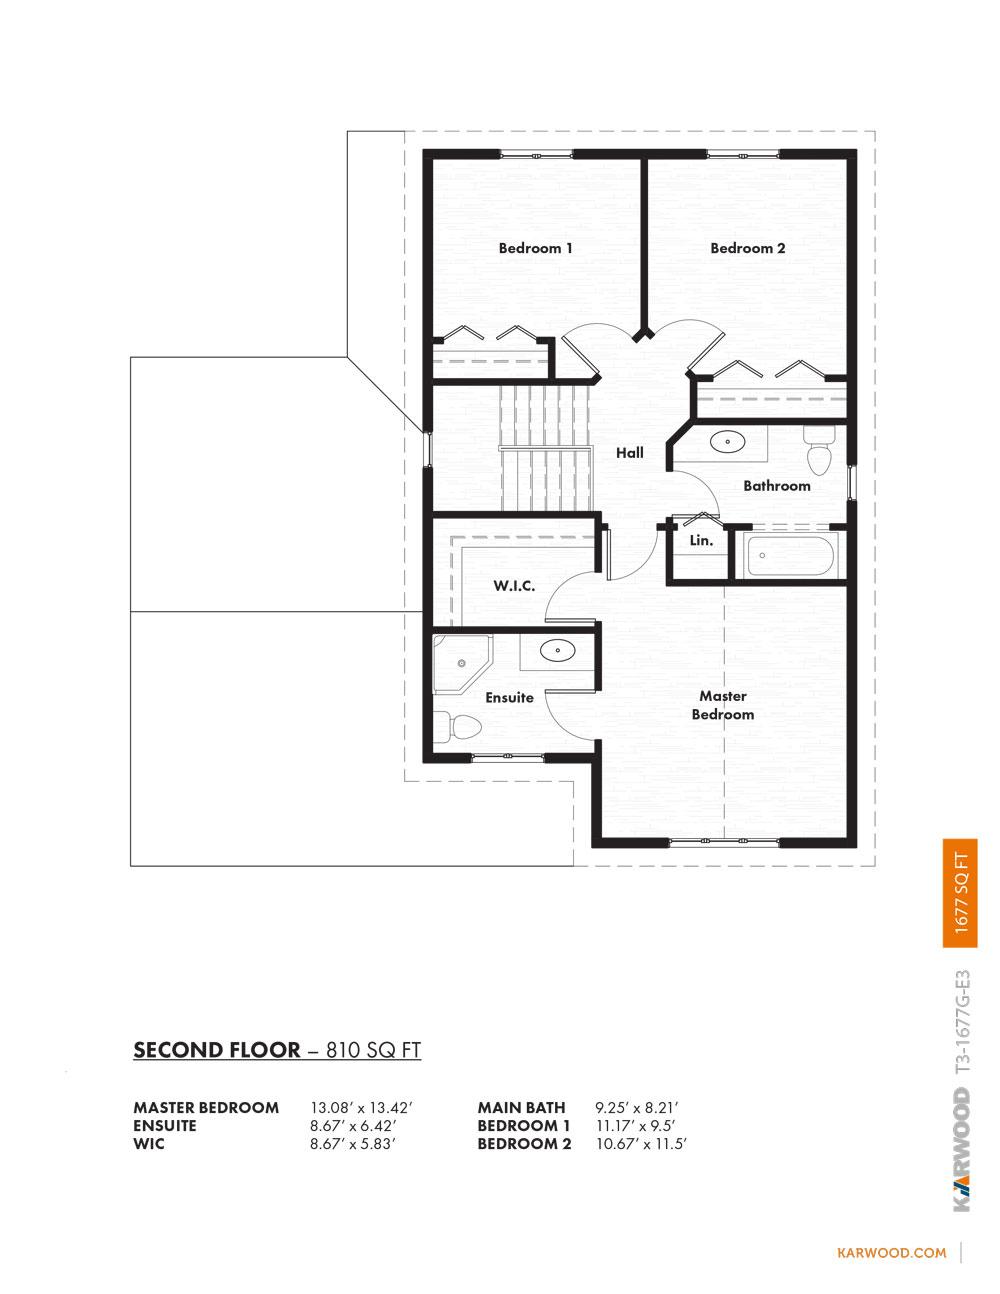 Karwood-T3-1677G-E3-WebPlans-2.jpg